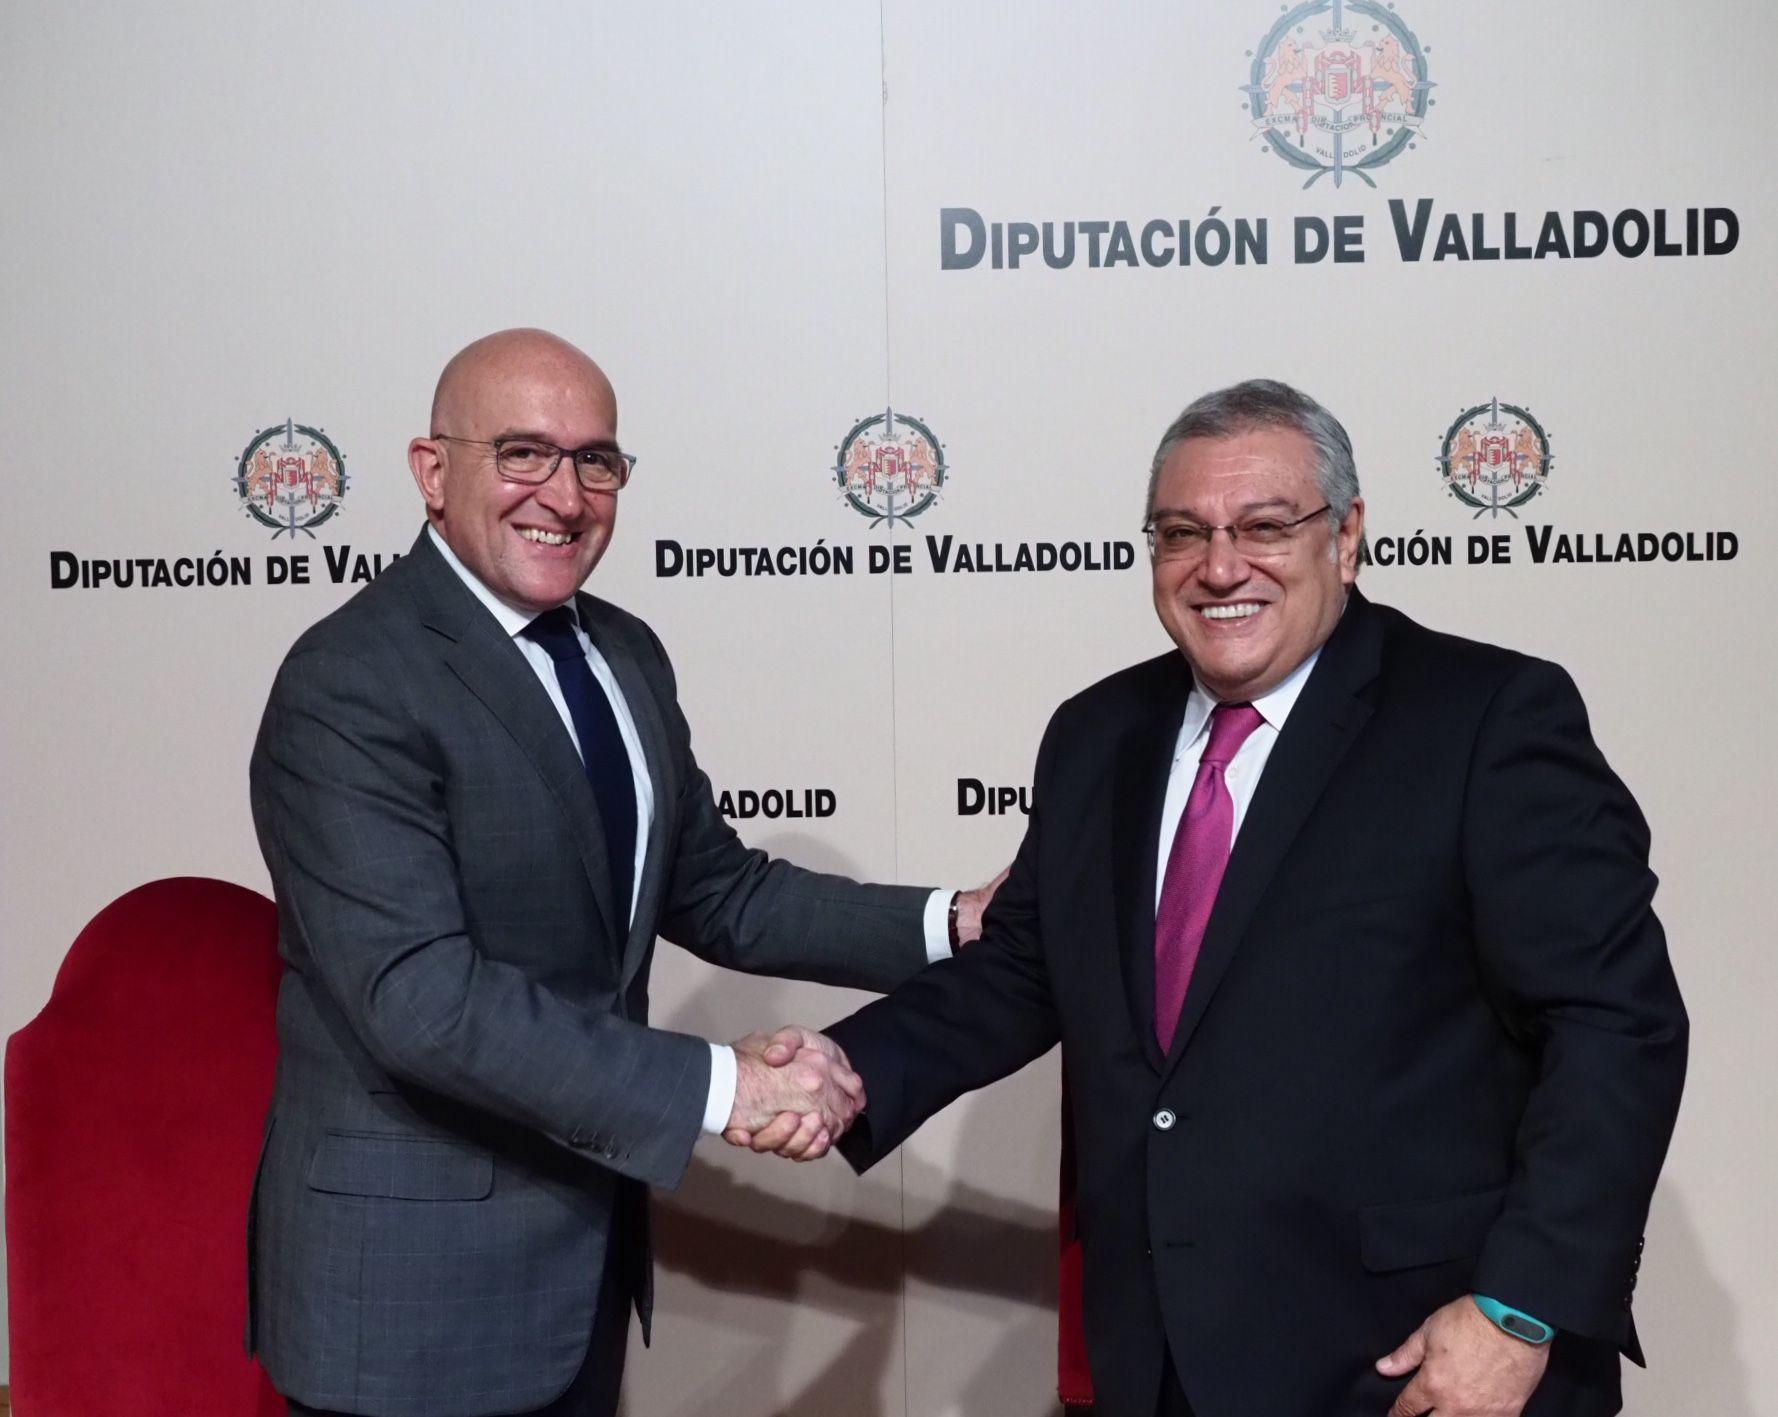 alt - https://static.comunicae.com/photos/notas/1191136/1510923590_Firma_del_acuerdo_de_colaboraci_n_entre_Diputaci_n_de_Valladolid_y_Escuela_Internacional_de_Protocolo.jpg